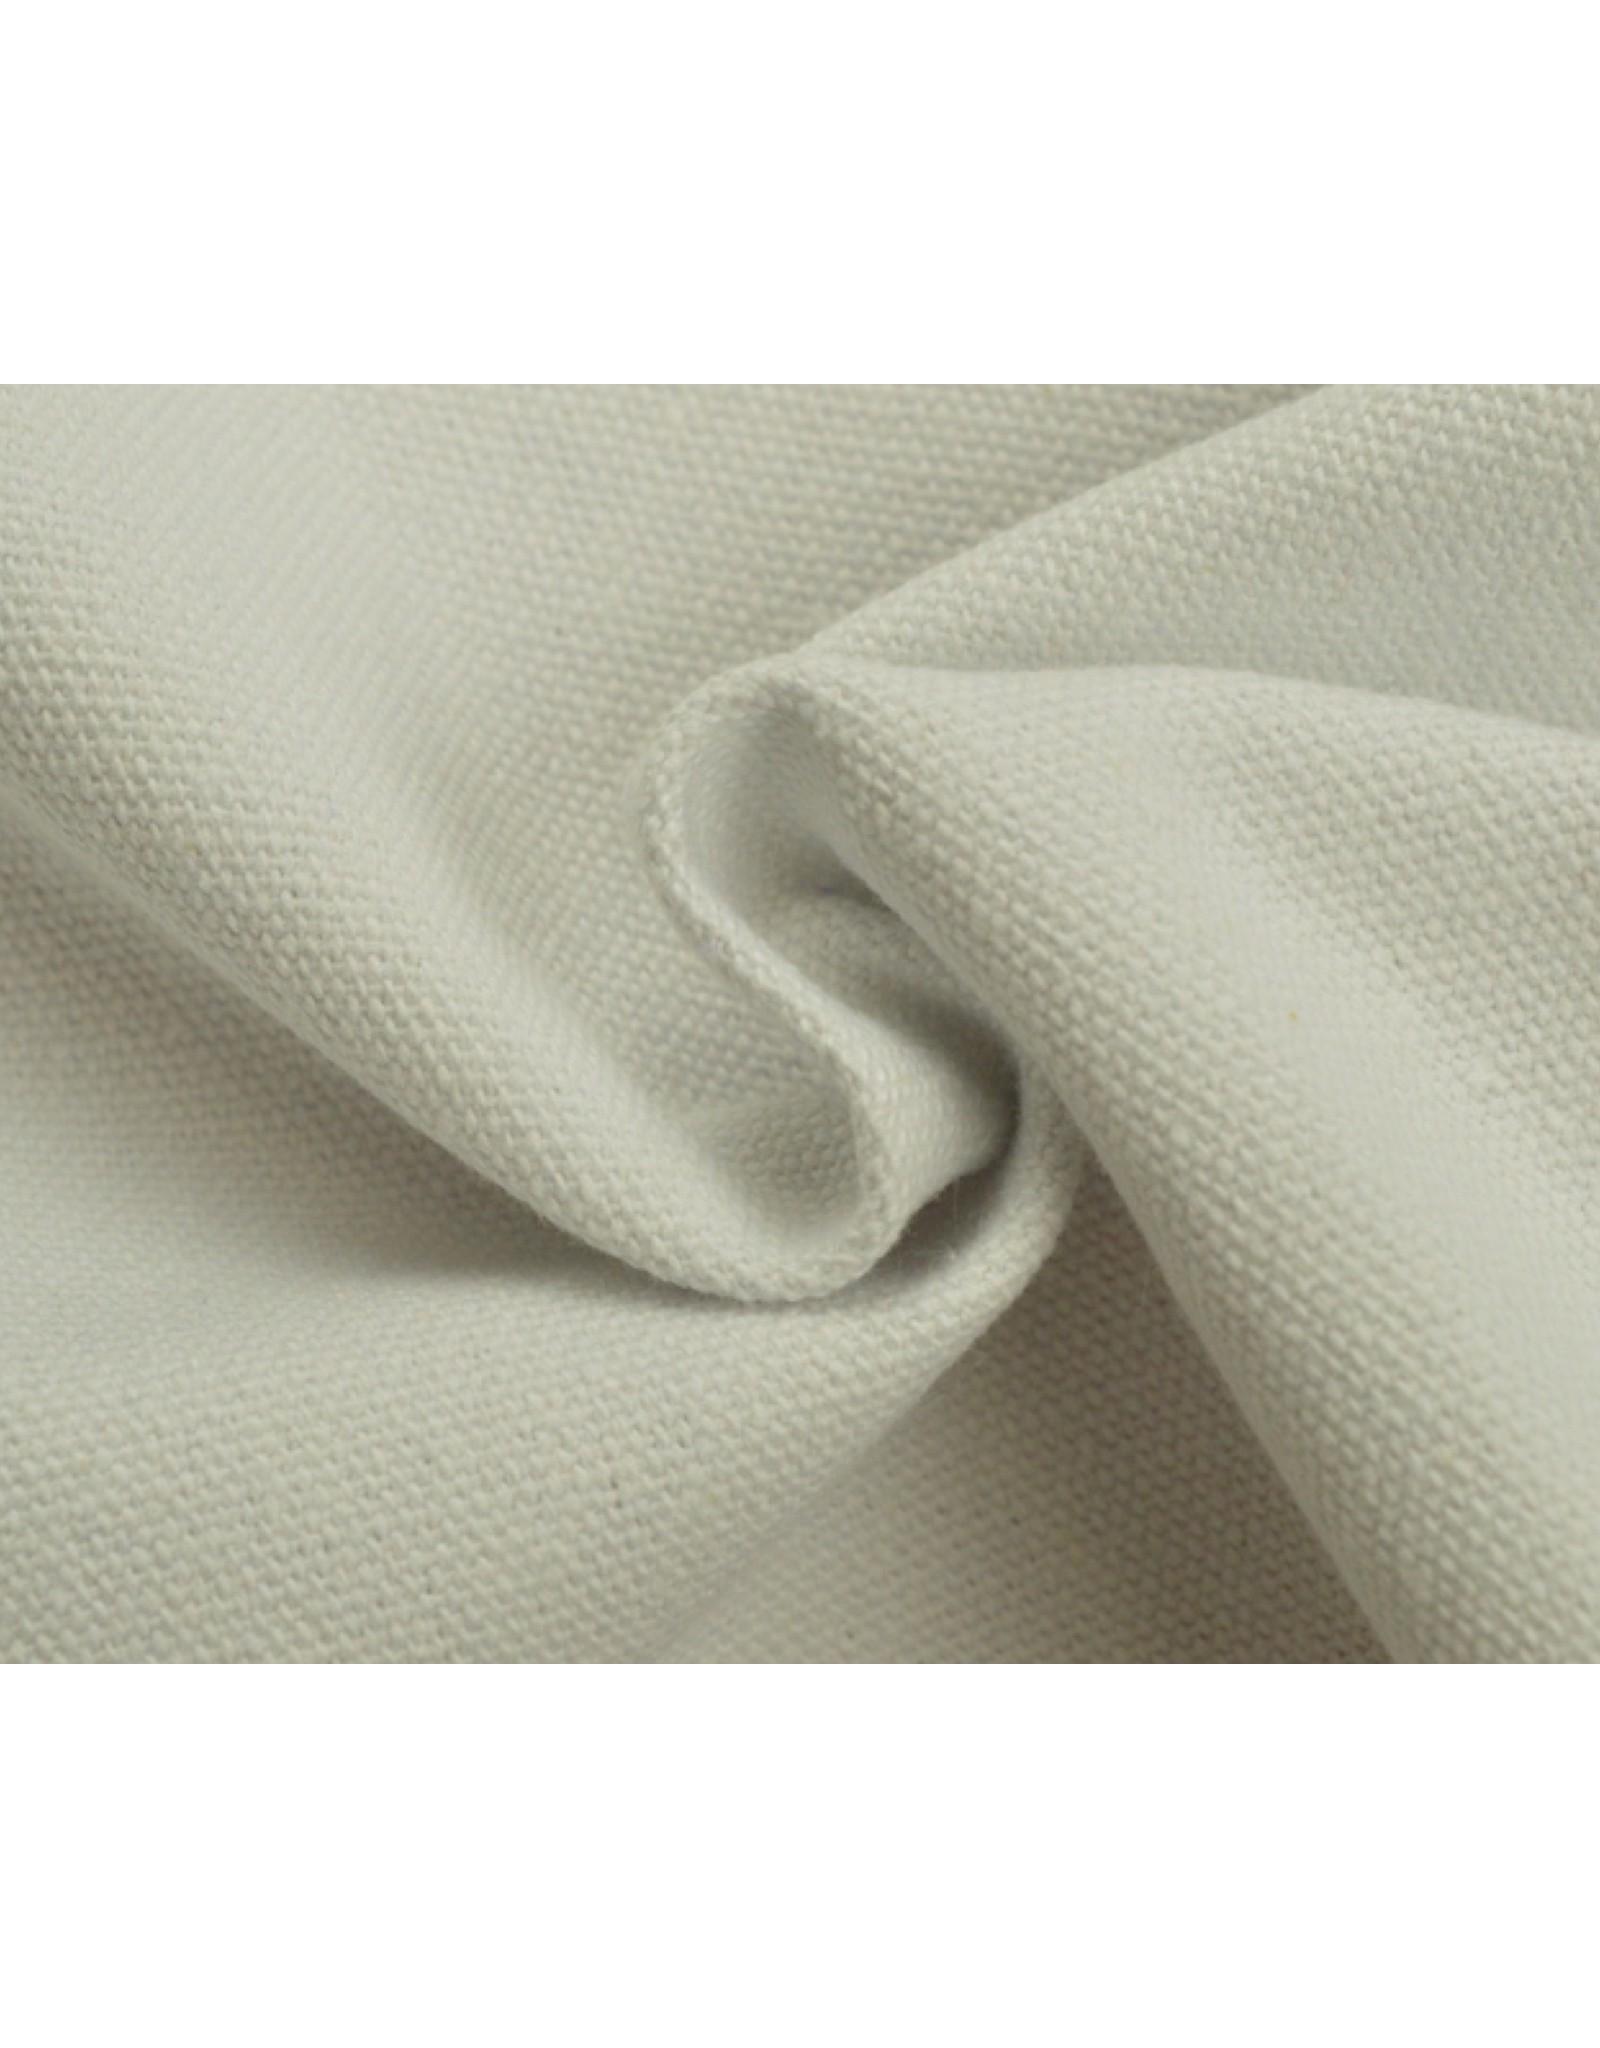 Kanvas stoff Uni - Weiss (350 gr/m)